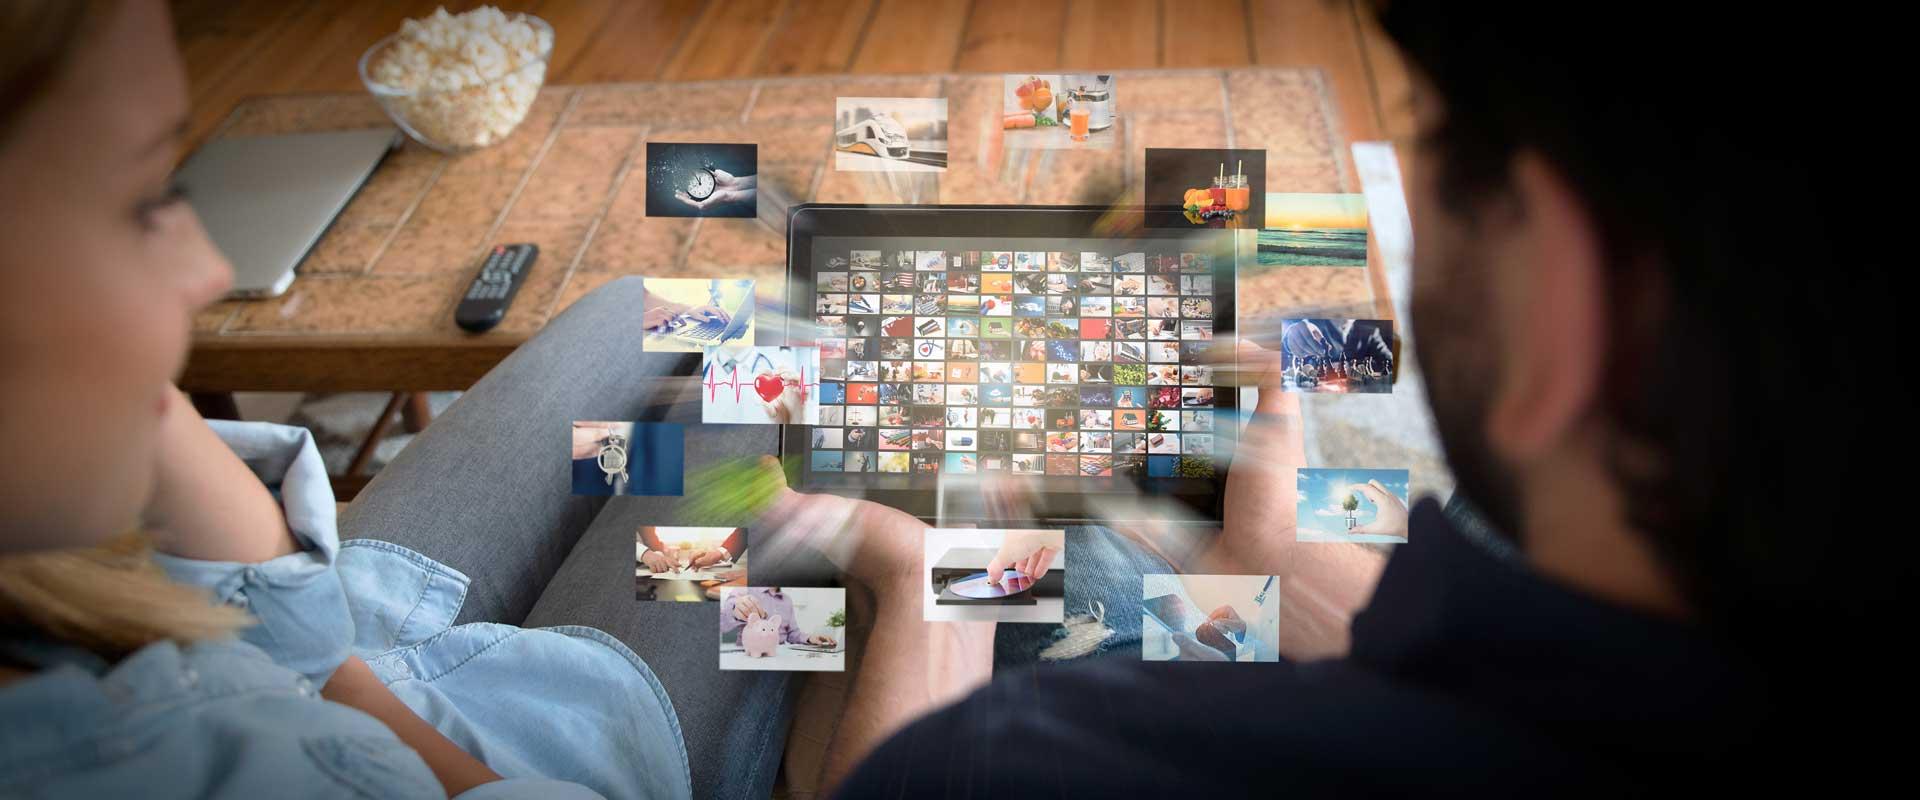 Tablet das eine Mediathek / Video on Demand anzeigt